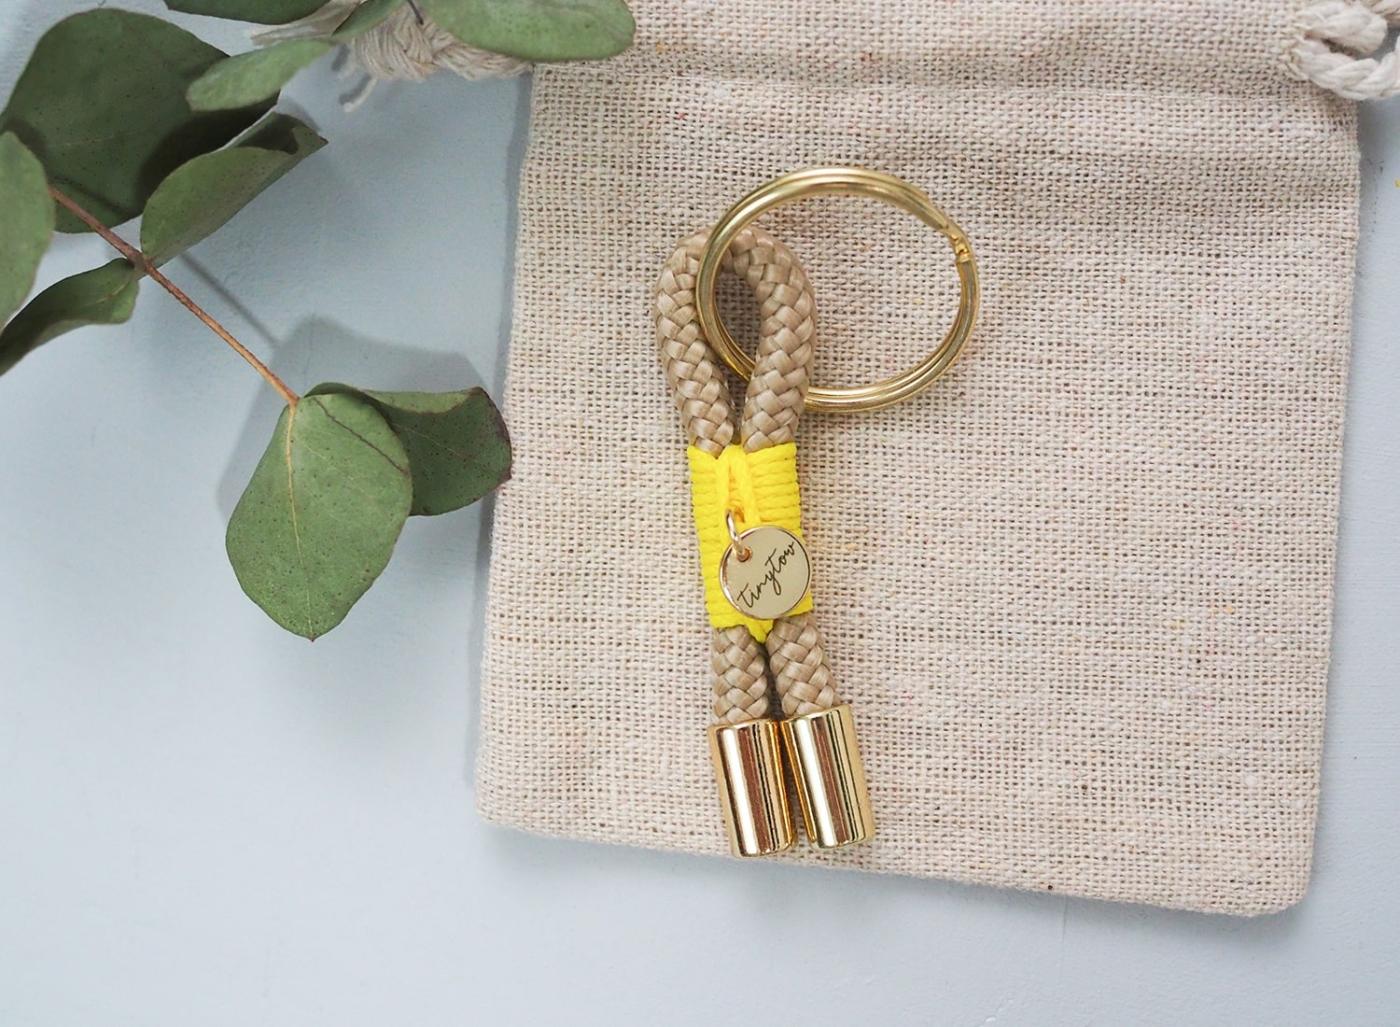 Schlüsselanhänger aus beigefarbenem Tau mit leuchtgelber Takelung, goldenem Schlüsselring.